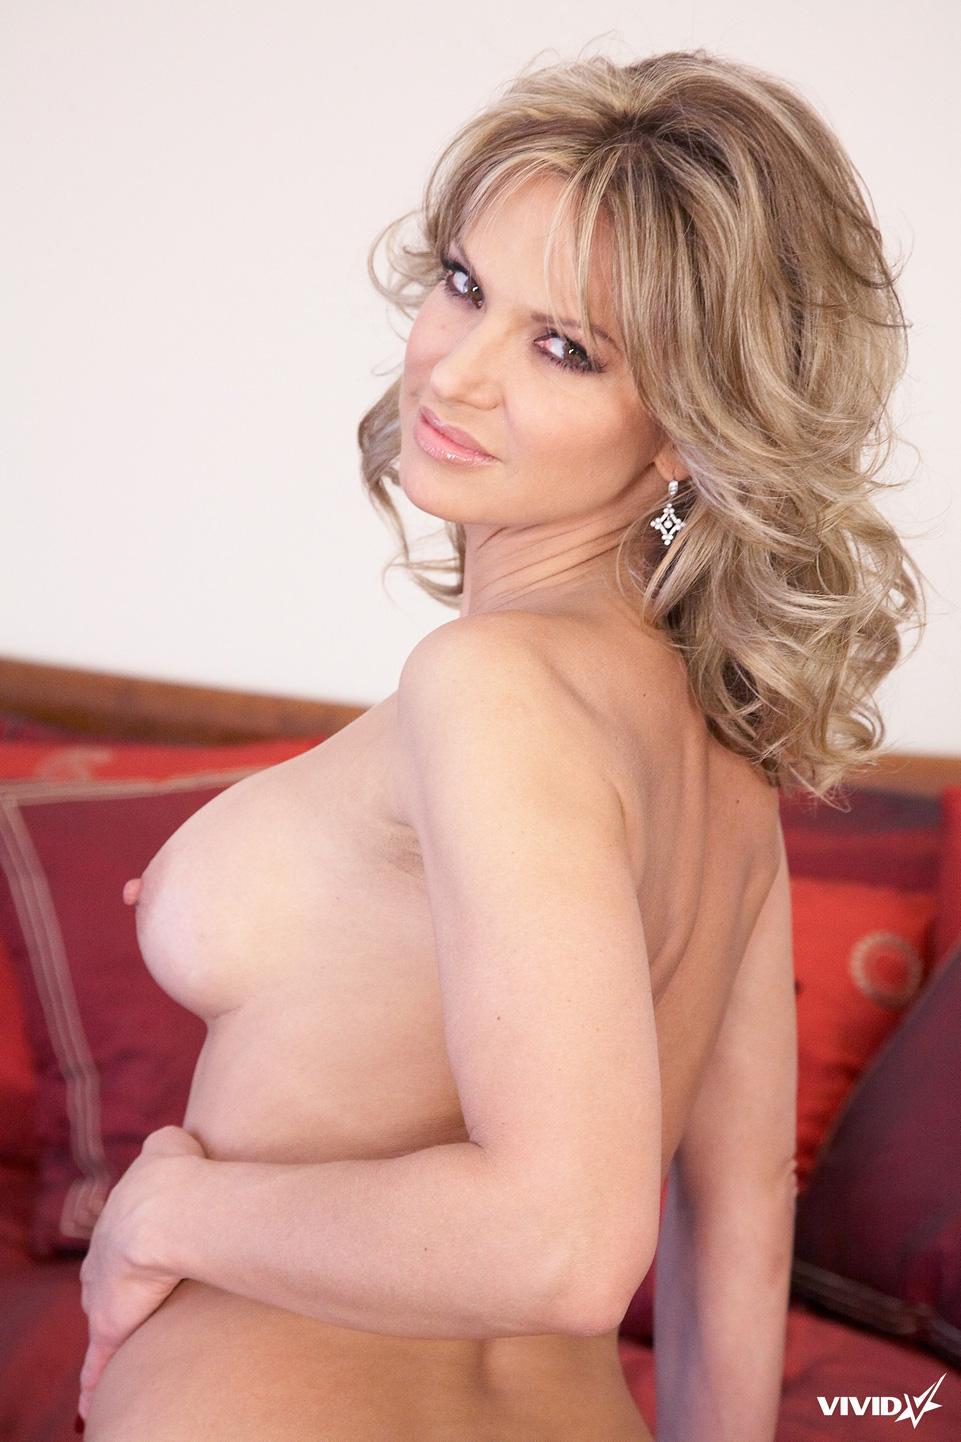 Sexy MILF is tempting in her bedroom - Savanna Samsons - 13